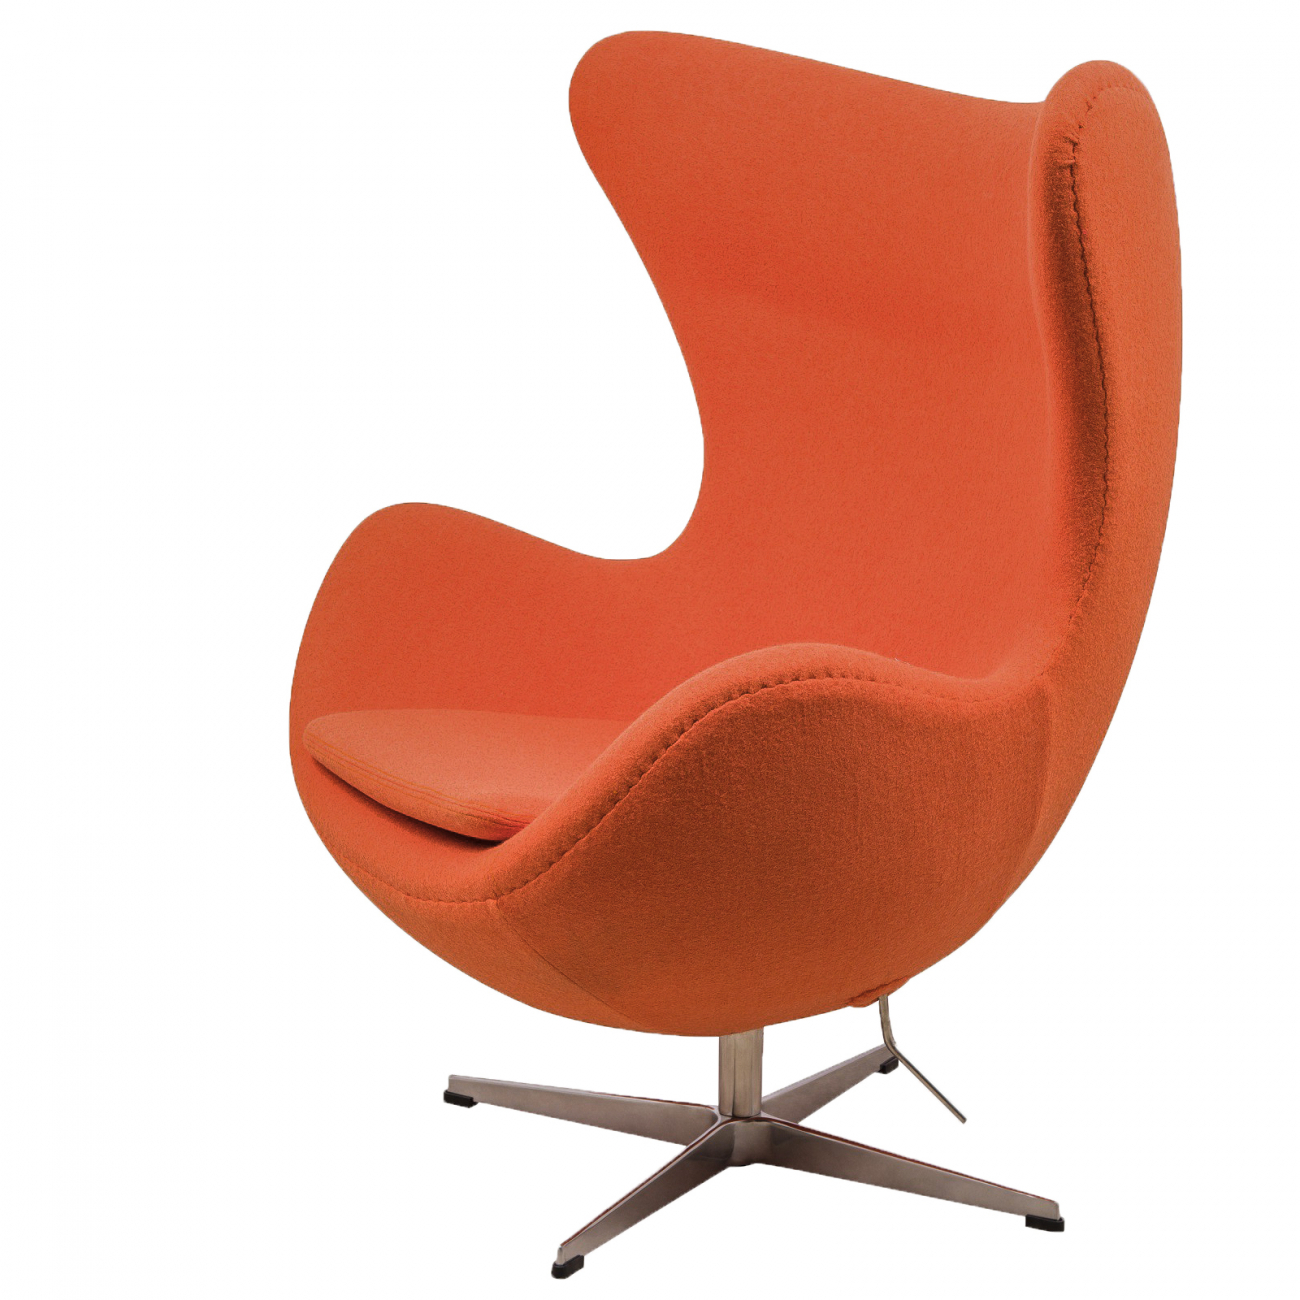 Купить Кресло Egg Chair Оранжевое 100% Кашемир в интернет магазине дизайнерской мебели и аксессуаров для дома и дачи